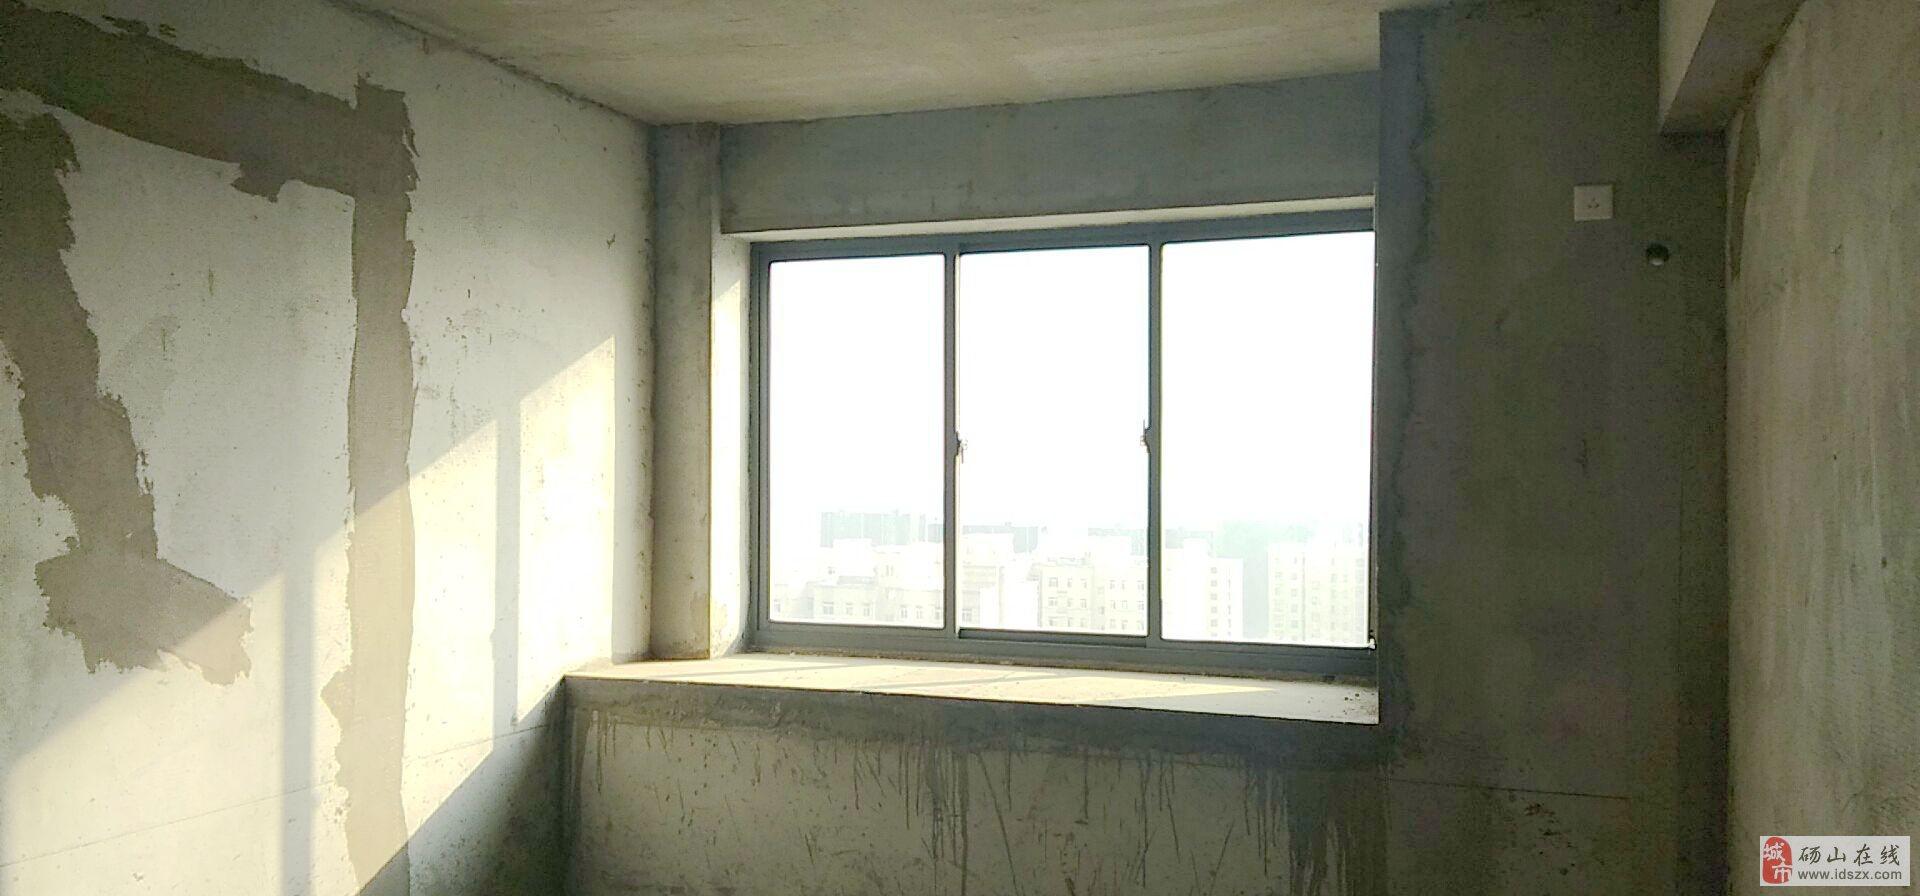 帝景水岸20楼毛坯房环境优美放飞心灵的地方